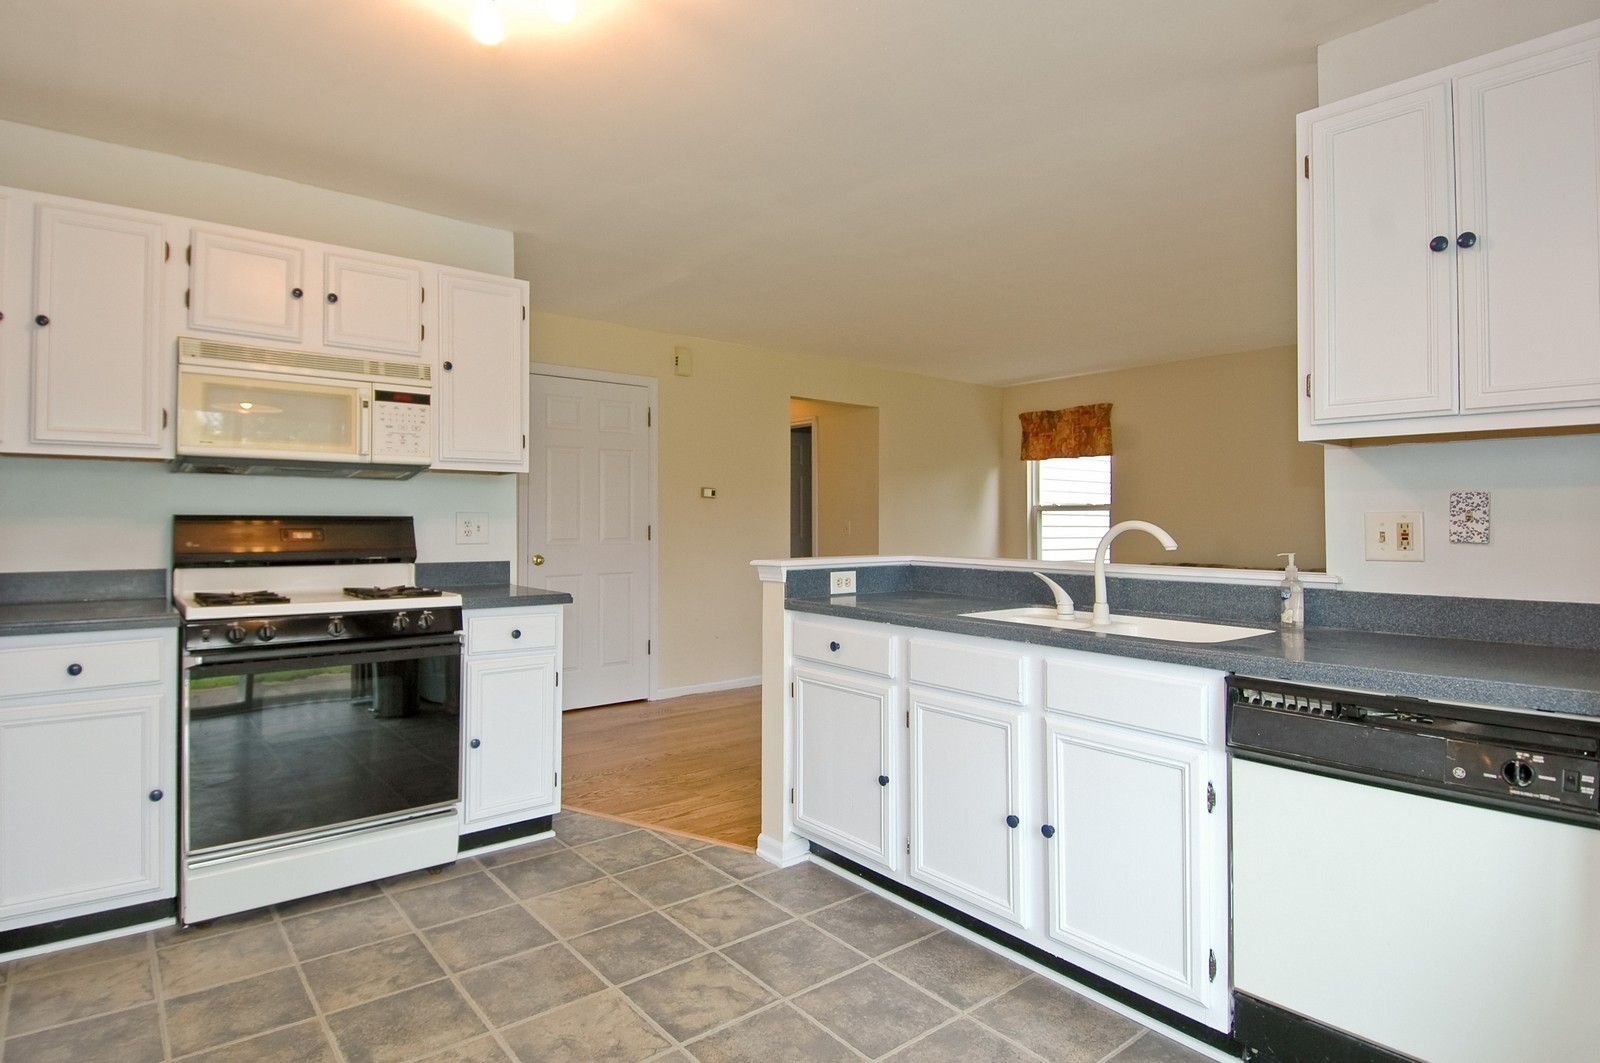 Real Estate Photography - 1086 Camillia, Fox River Grove, IL, 60021 - Kitchen